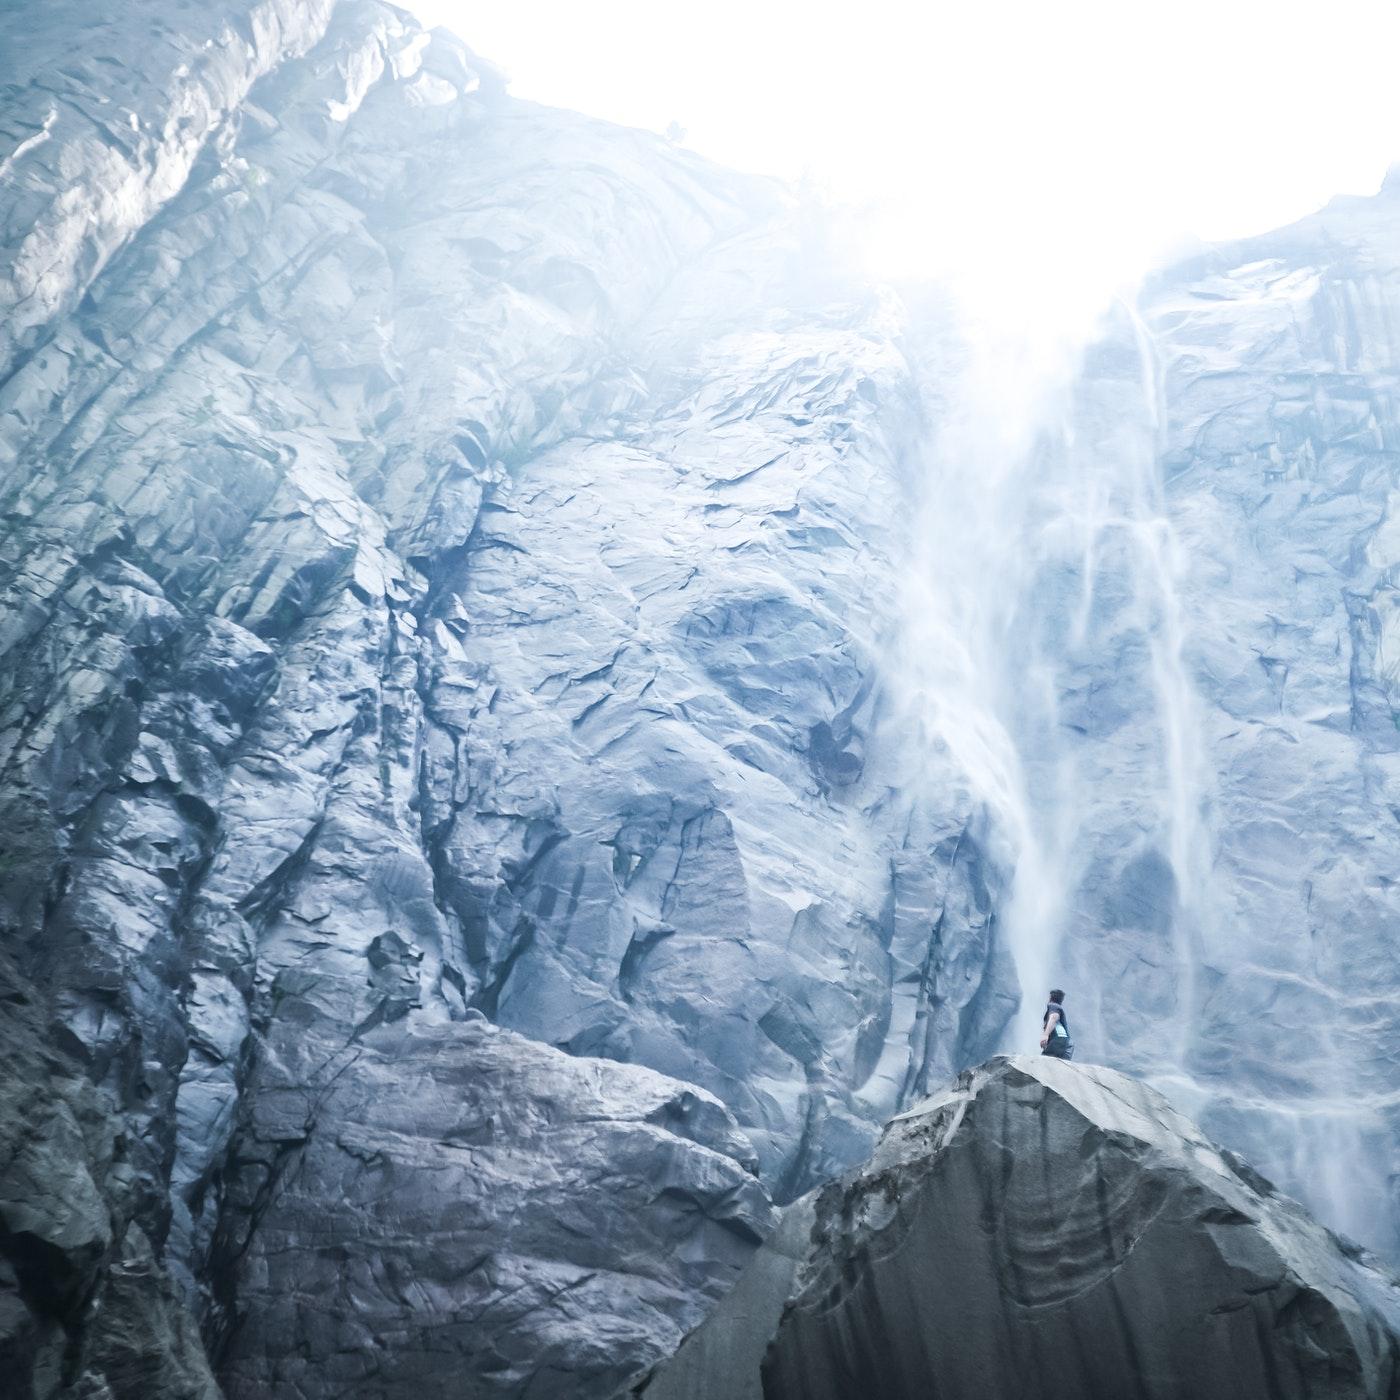 【2020精選古風音樂】超好聽的古風民俗音樂配合冰原中的雪聲 #古典音樂 #鋼琴音樂 #純音樂 #輕音樂 #冥想音樂 #睡眠音樂 #心靈音樂 #放鬆音樂